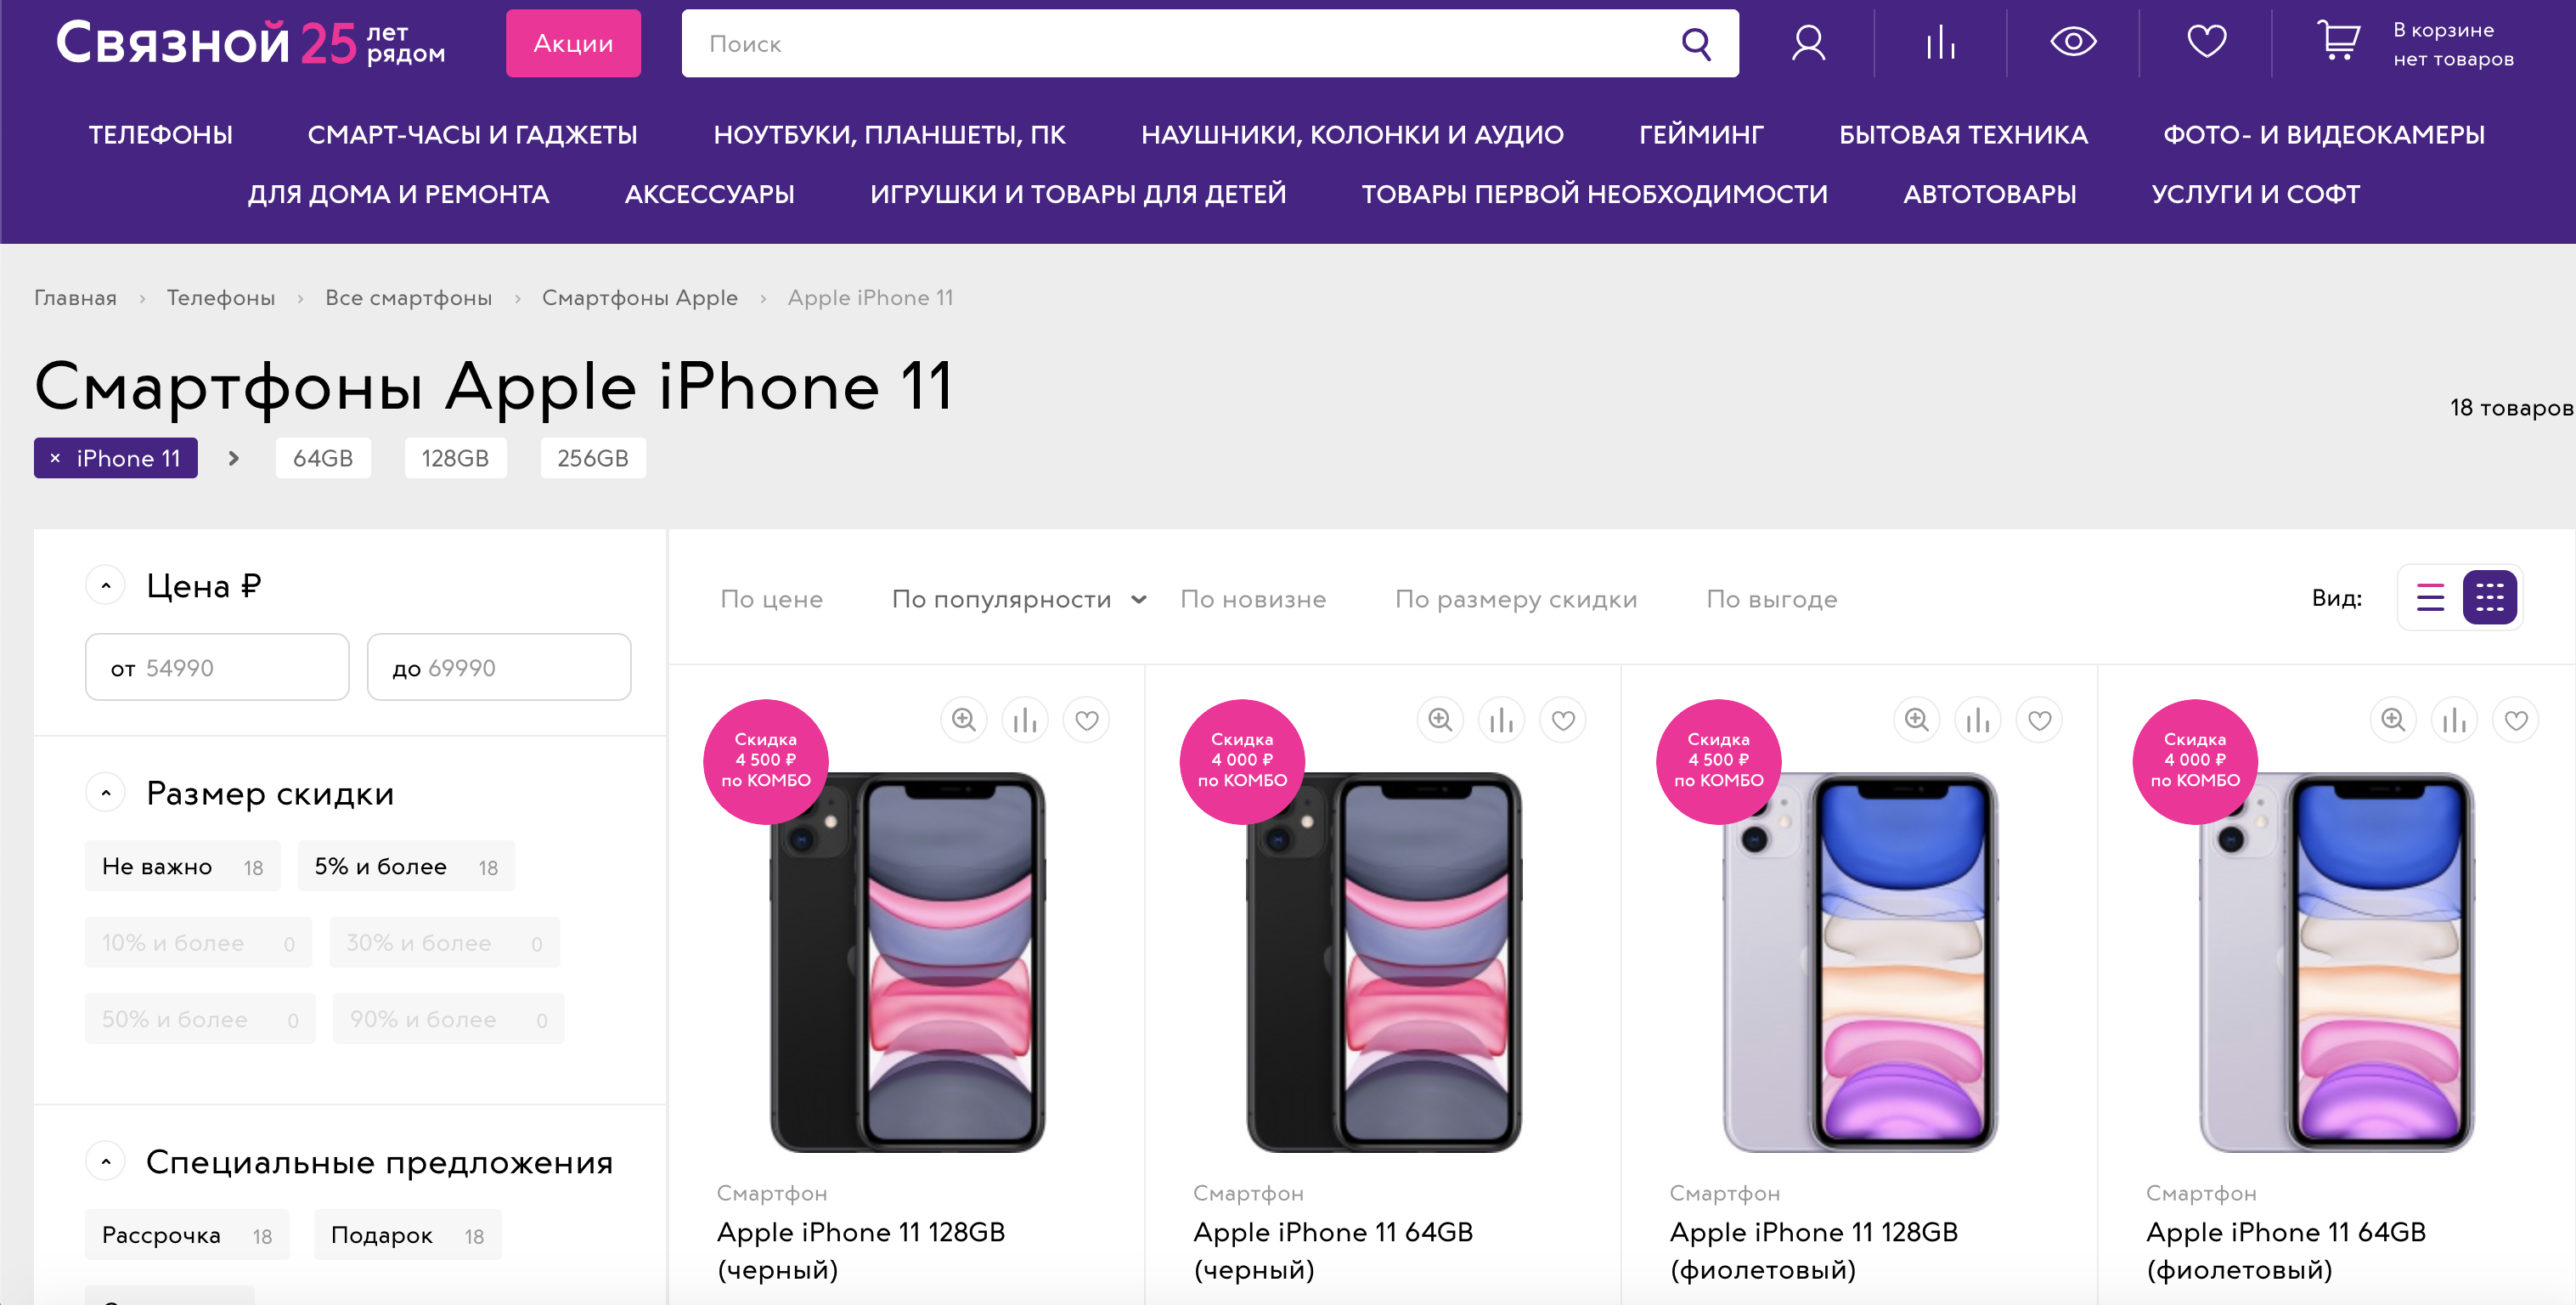 Как застраховать iPhone - любимый гаджет от Apple